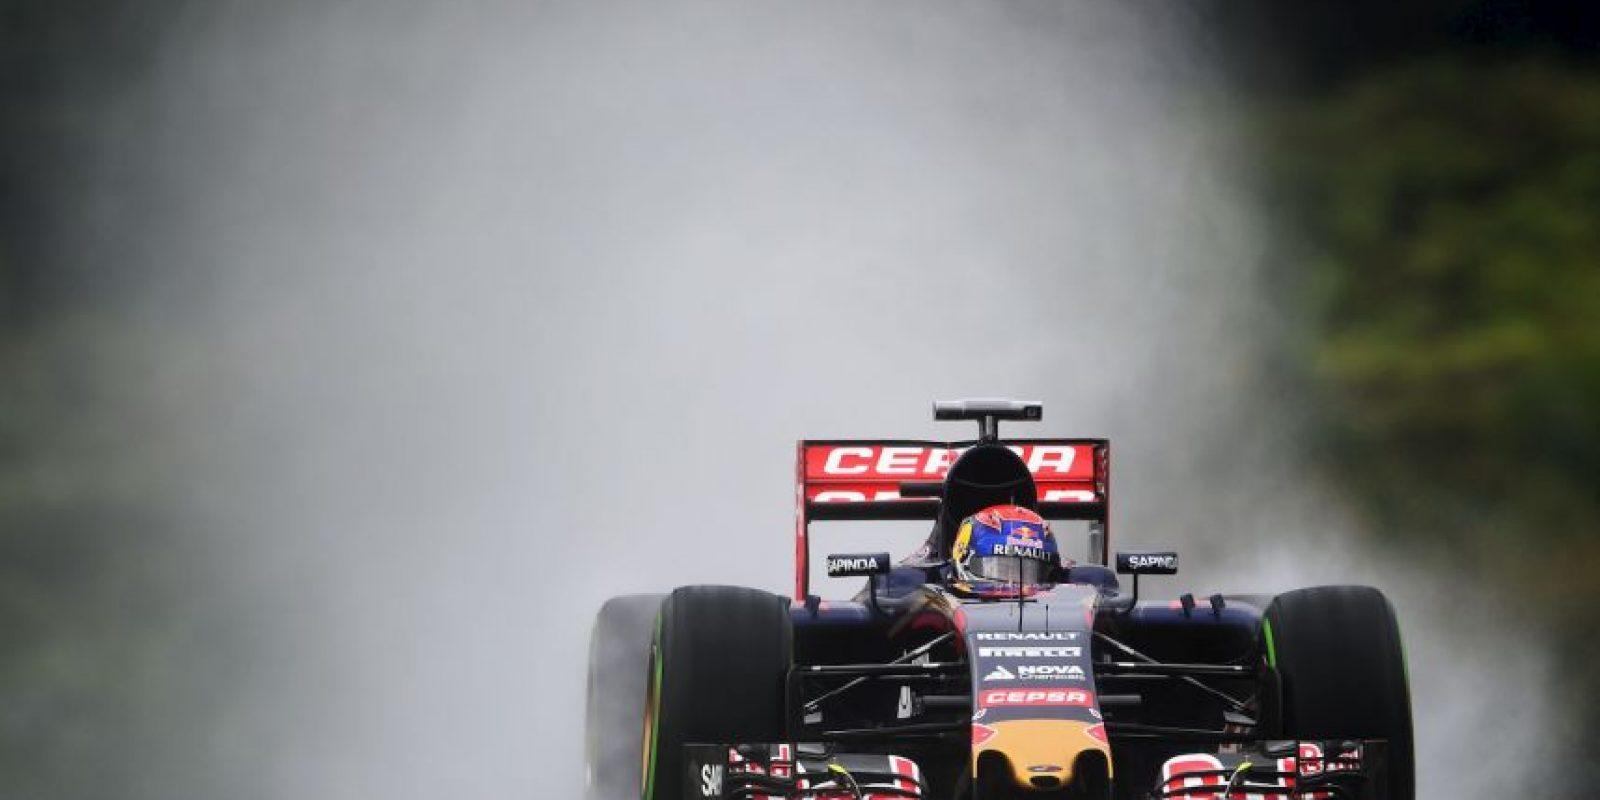 Fue séptimo lugar en el Gran Premio de Malasia Foto:Getty Images